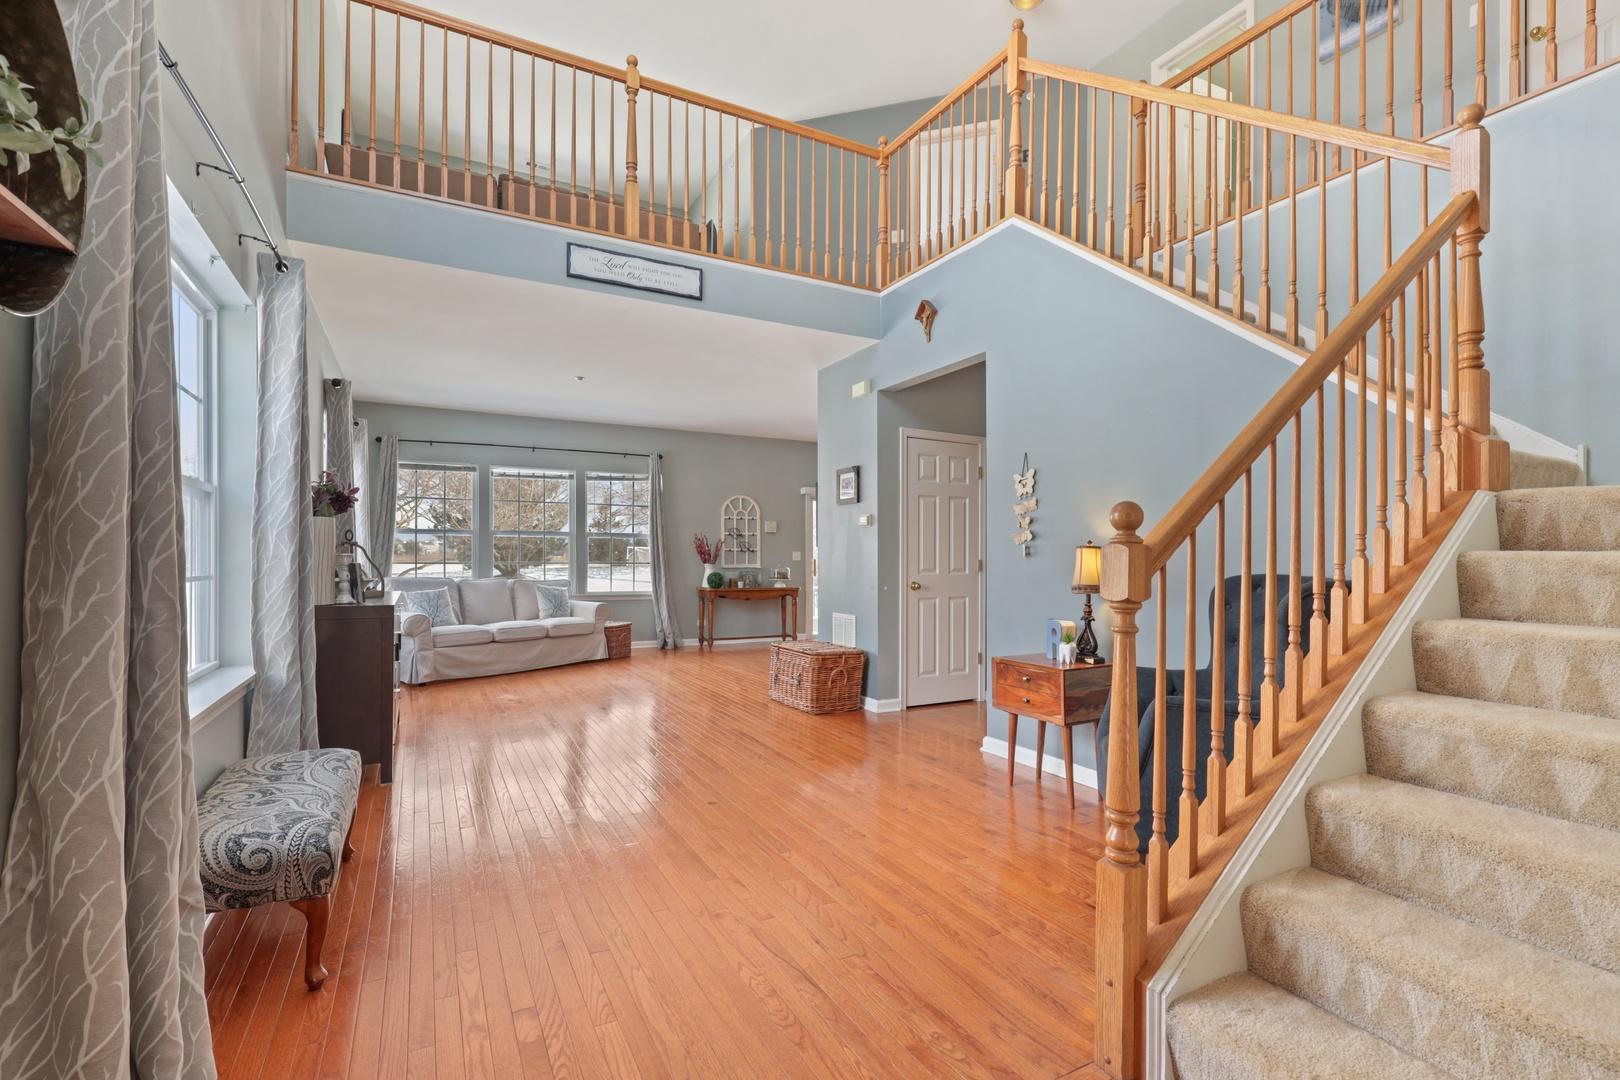 6058 Canterbury 0, Hoffman Estates, Illinois, 60192